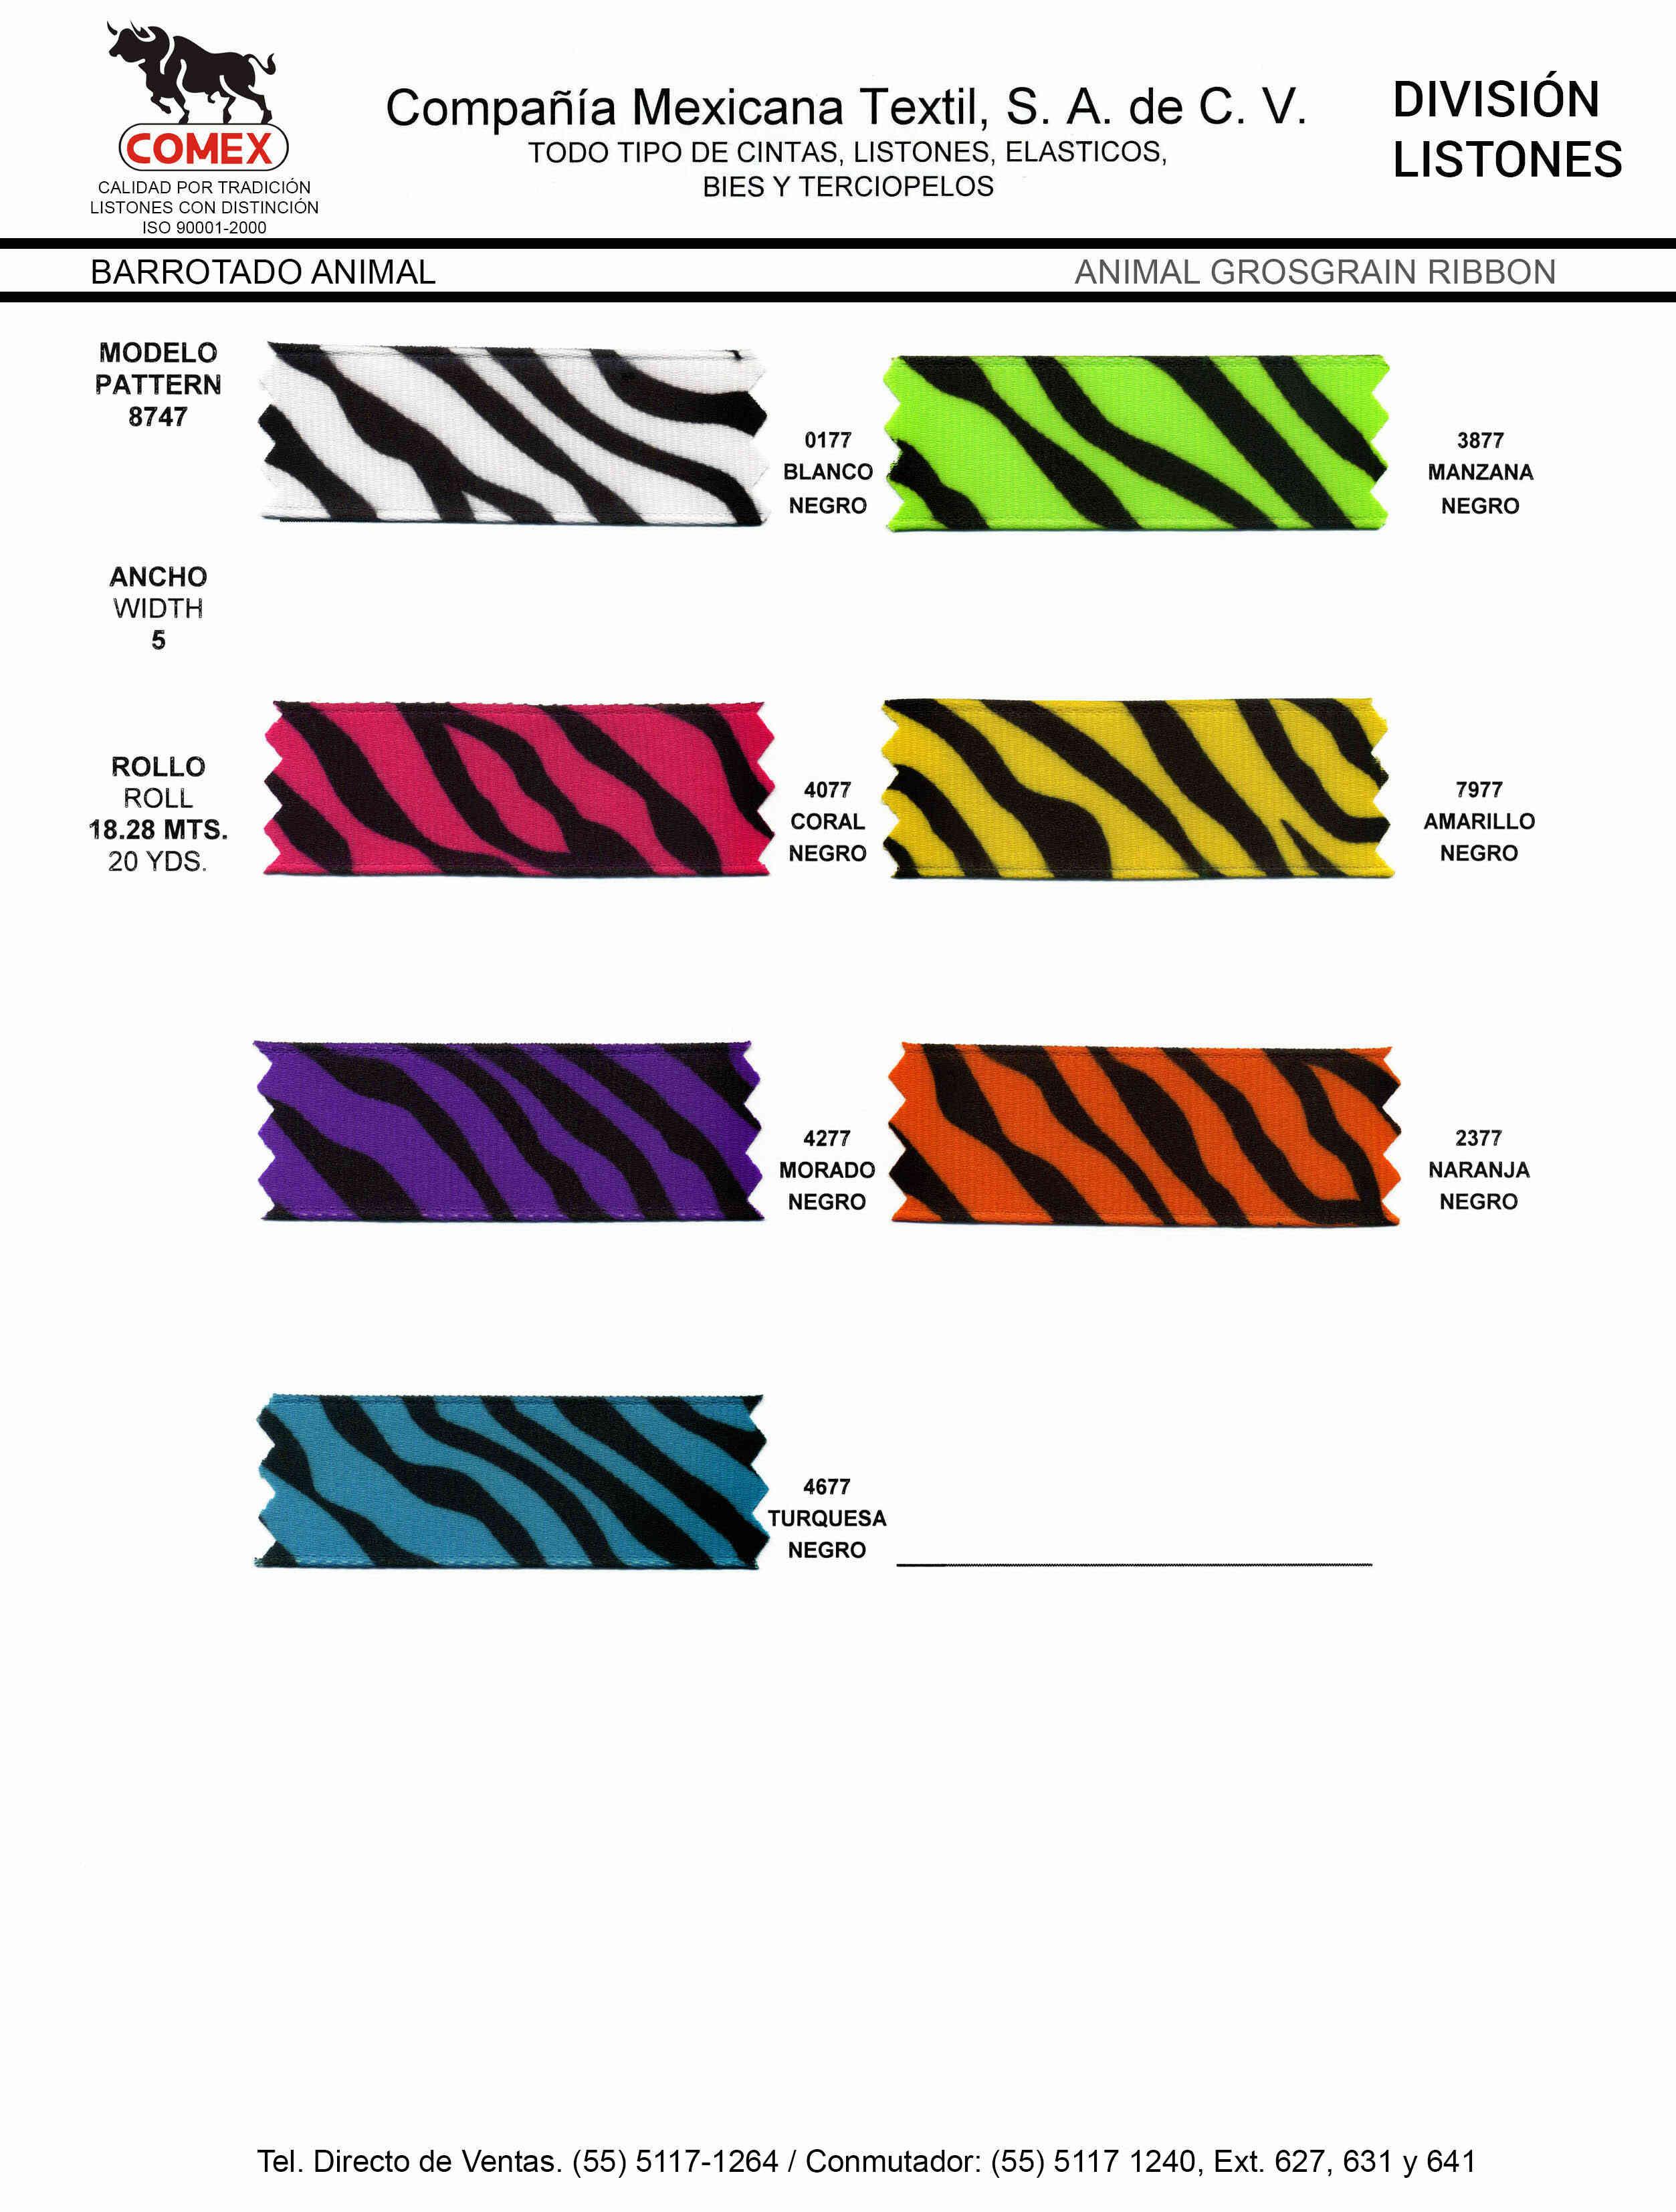 Anchos y Colores de Liston Mod.8747